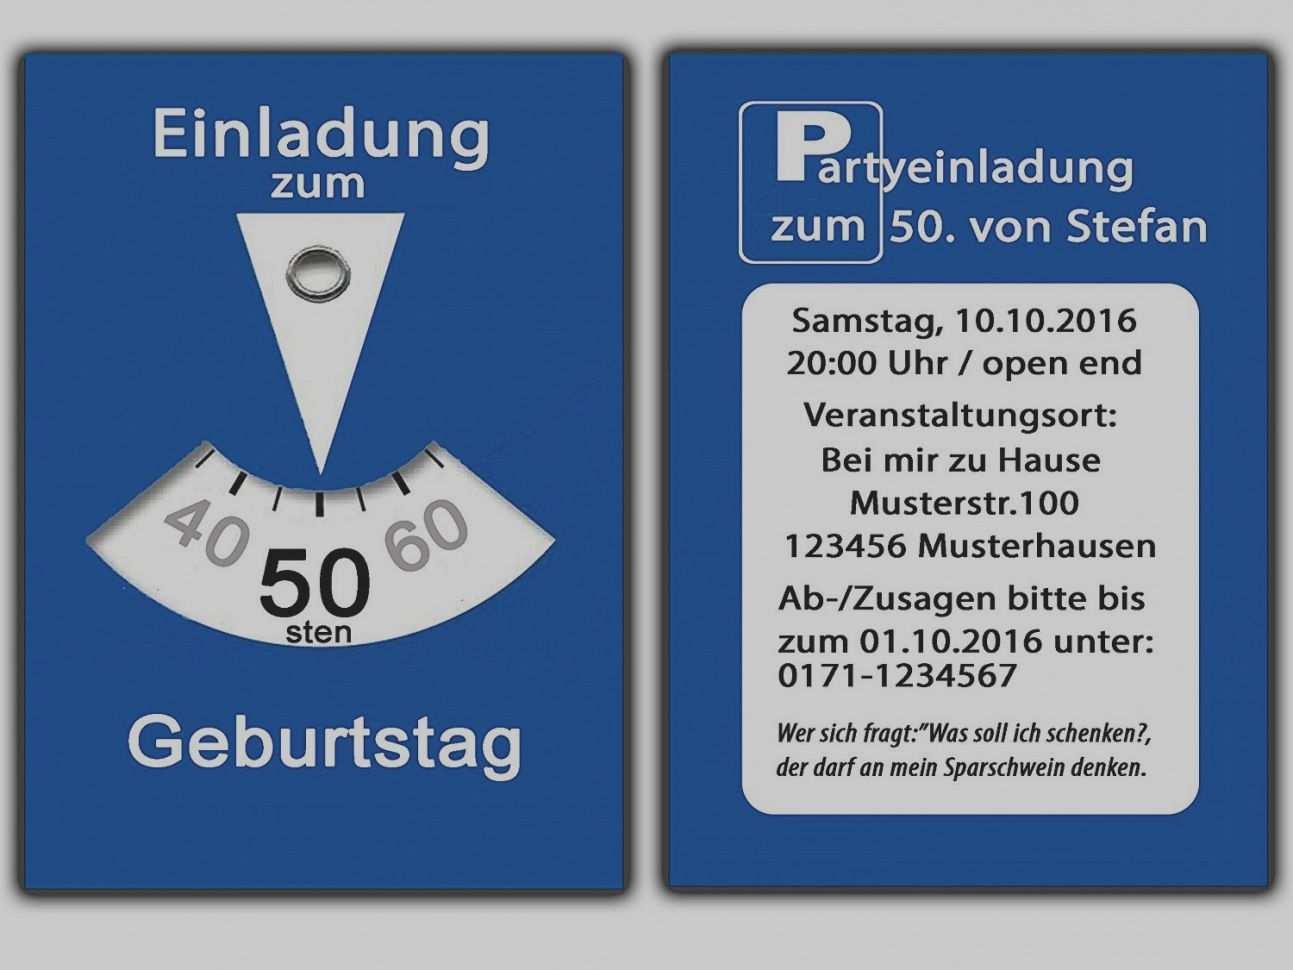 Einladung 50 Geburtstag Motto Oktoberfest Einladung 50 Geburtstag Motorrad Einladung 50 Einladung 50 Geburtstag Einladungskarten Zum 50 Einladung Geburtstag